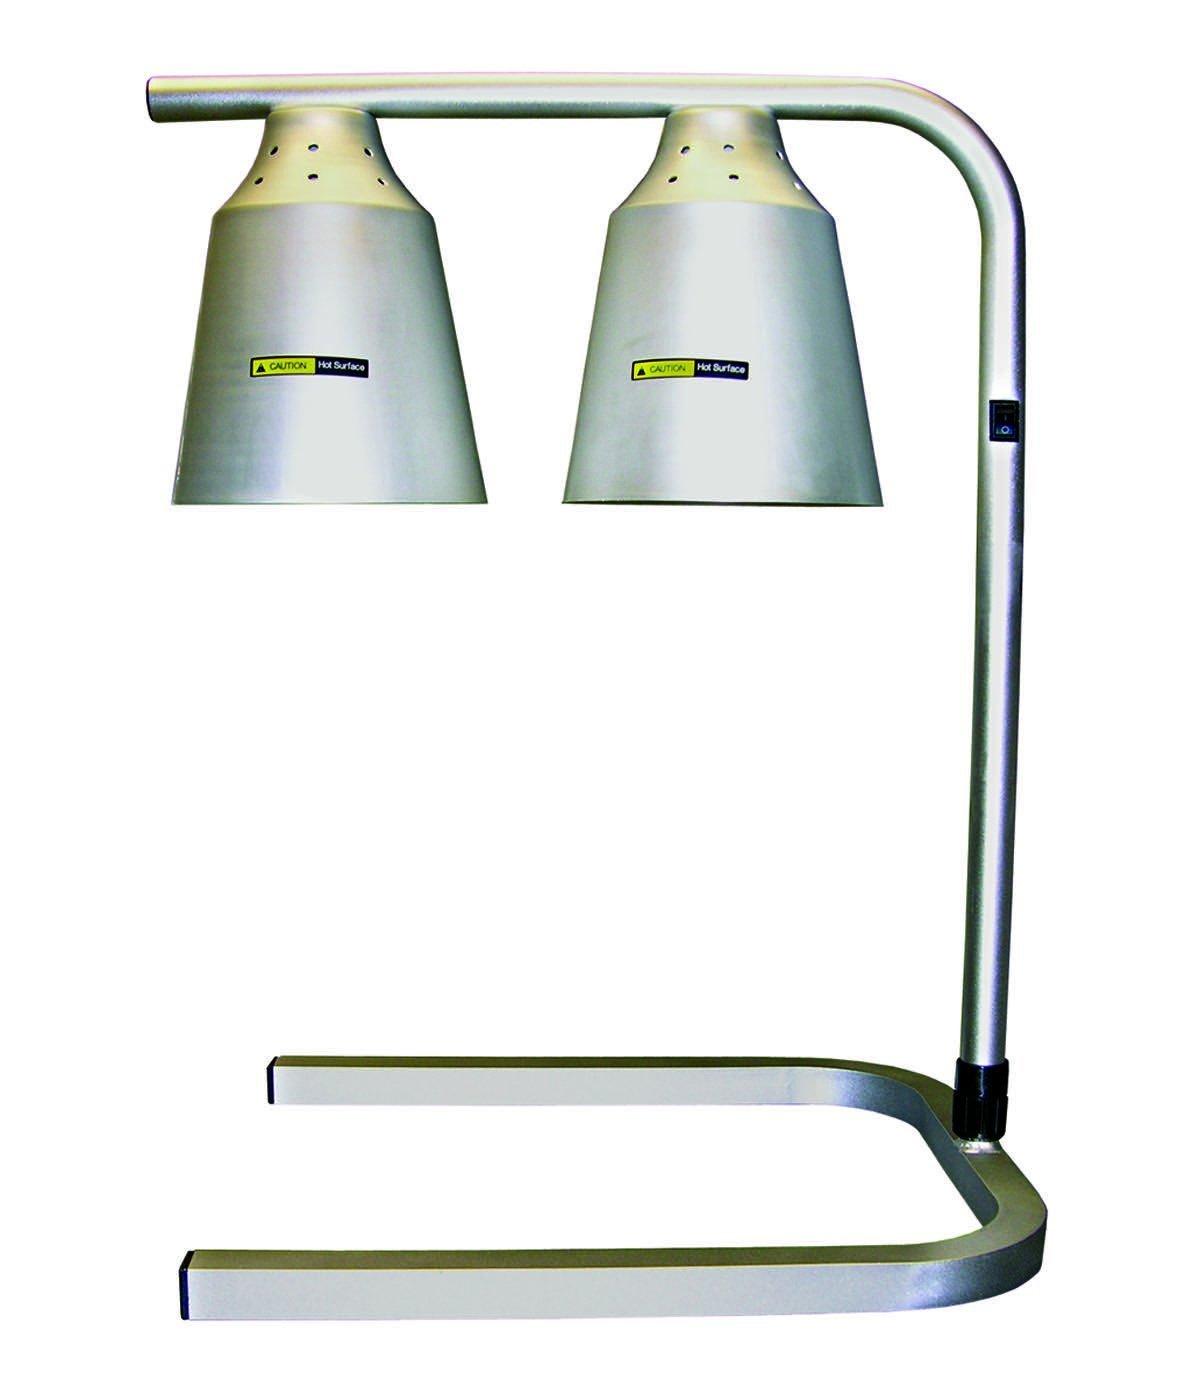 Amazon.com: Update International (HTLP-2B) 2-Bulb Freestanding Heat ...